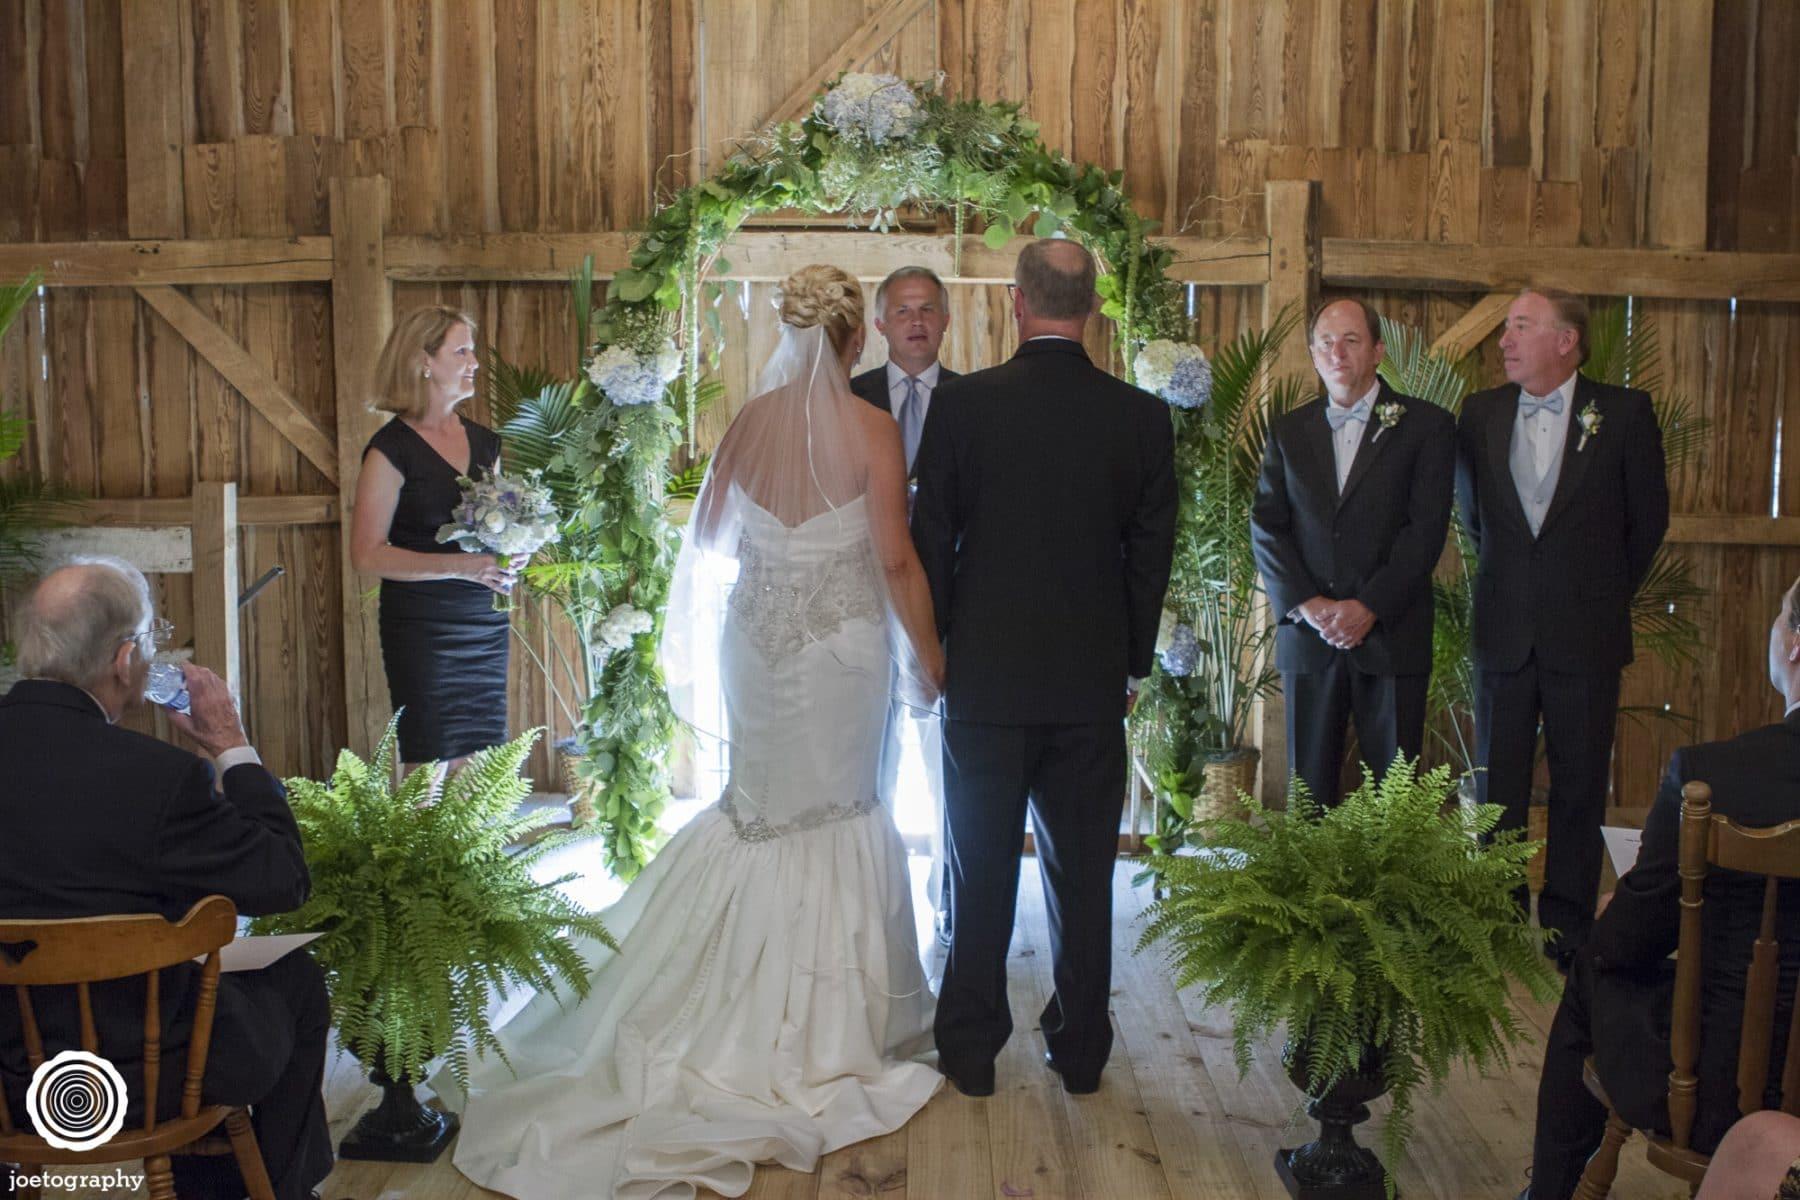 donaldson-wedding-photography-whitestown-indiana-340